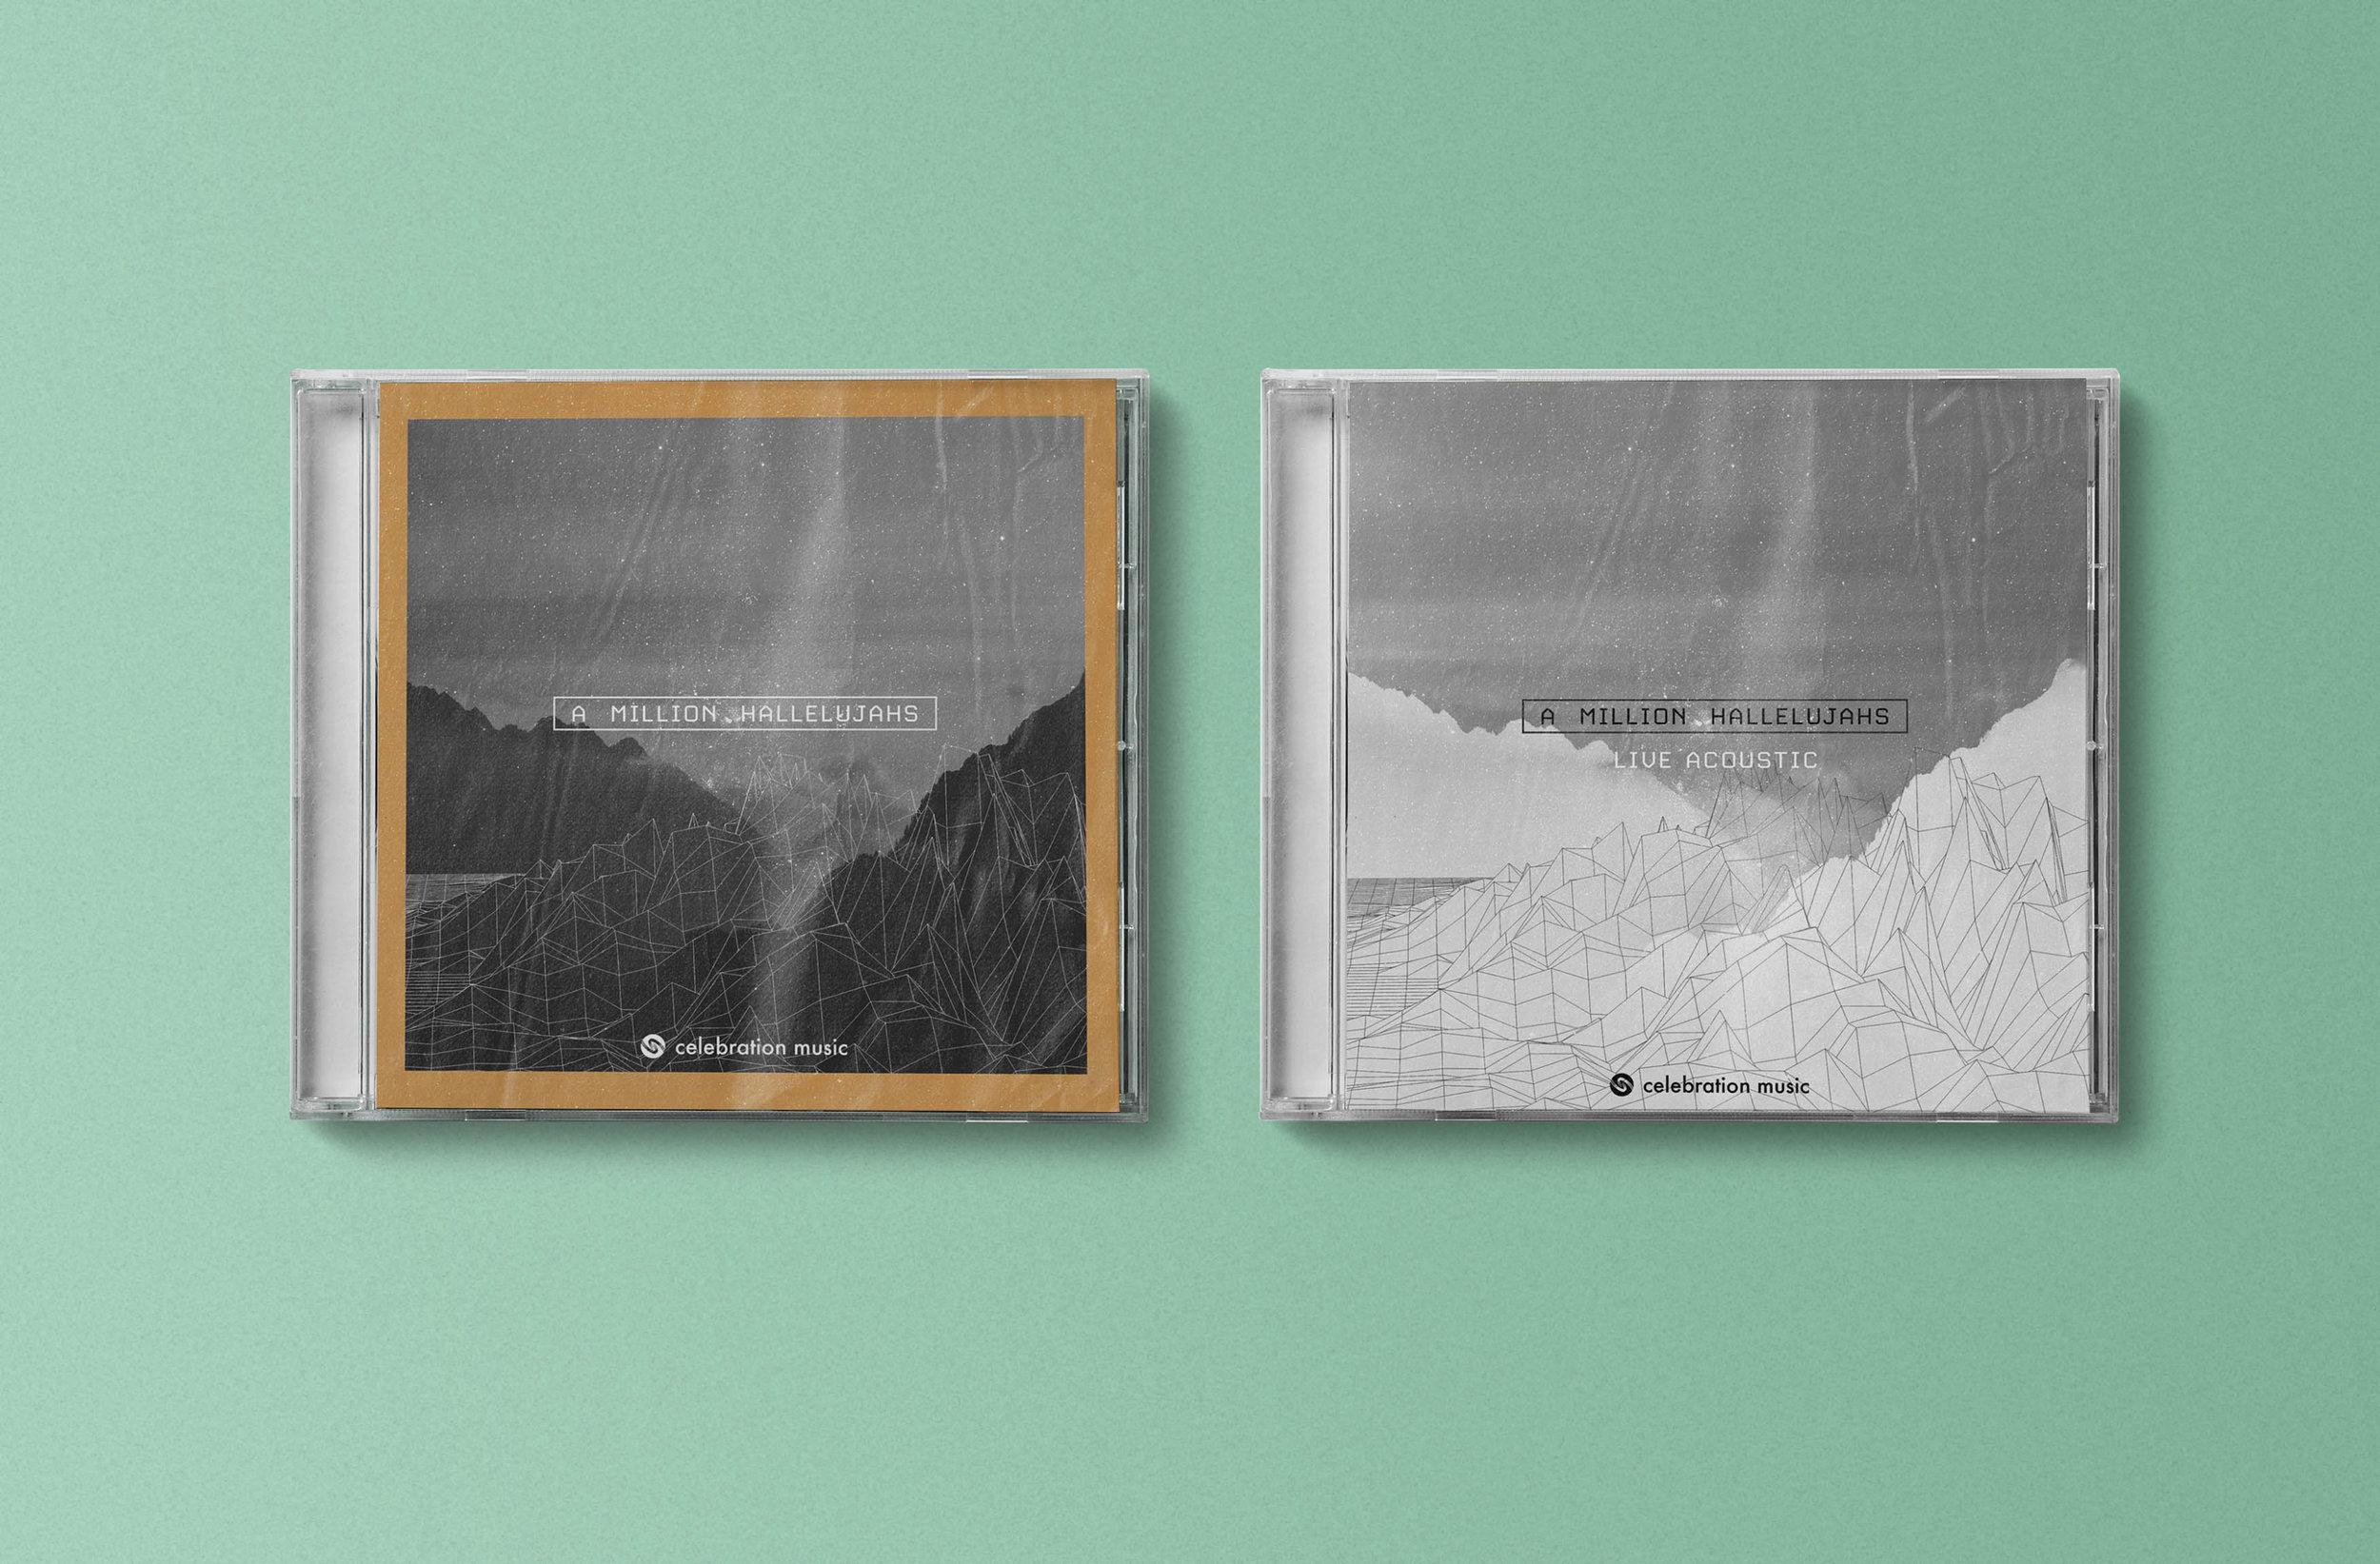 94-cd-cover-mockup-14.jpg